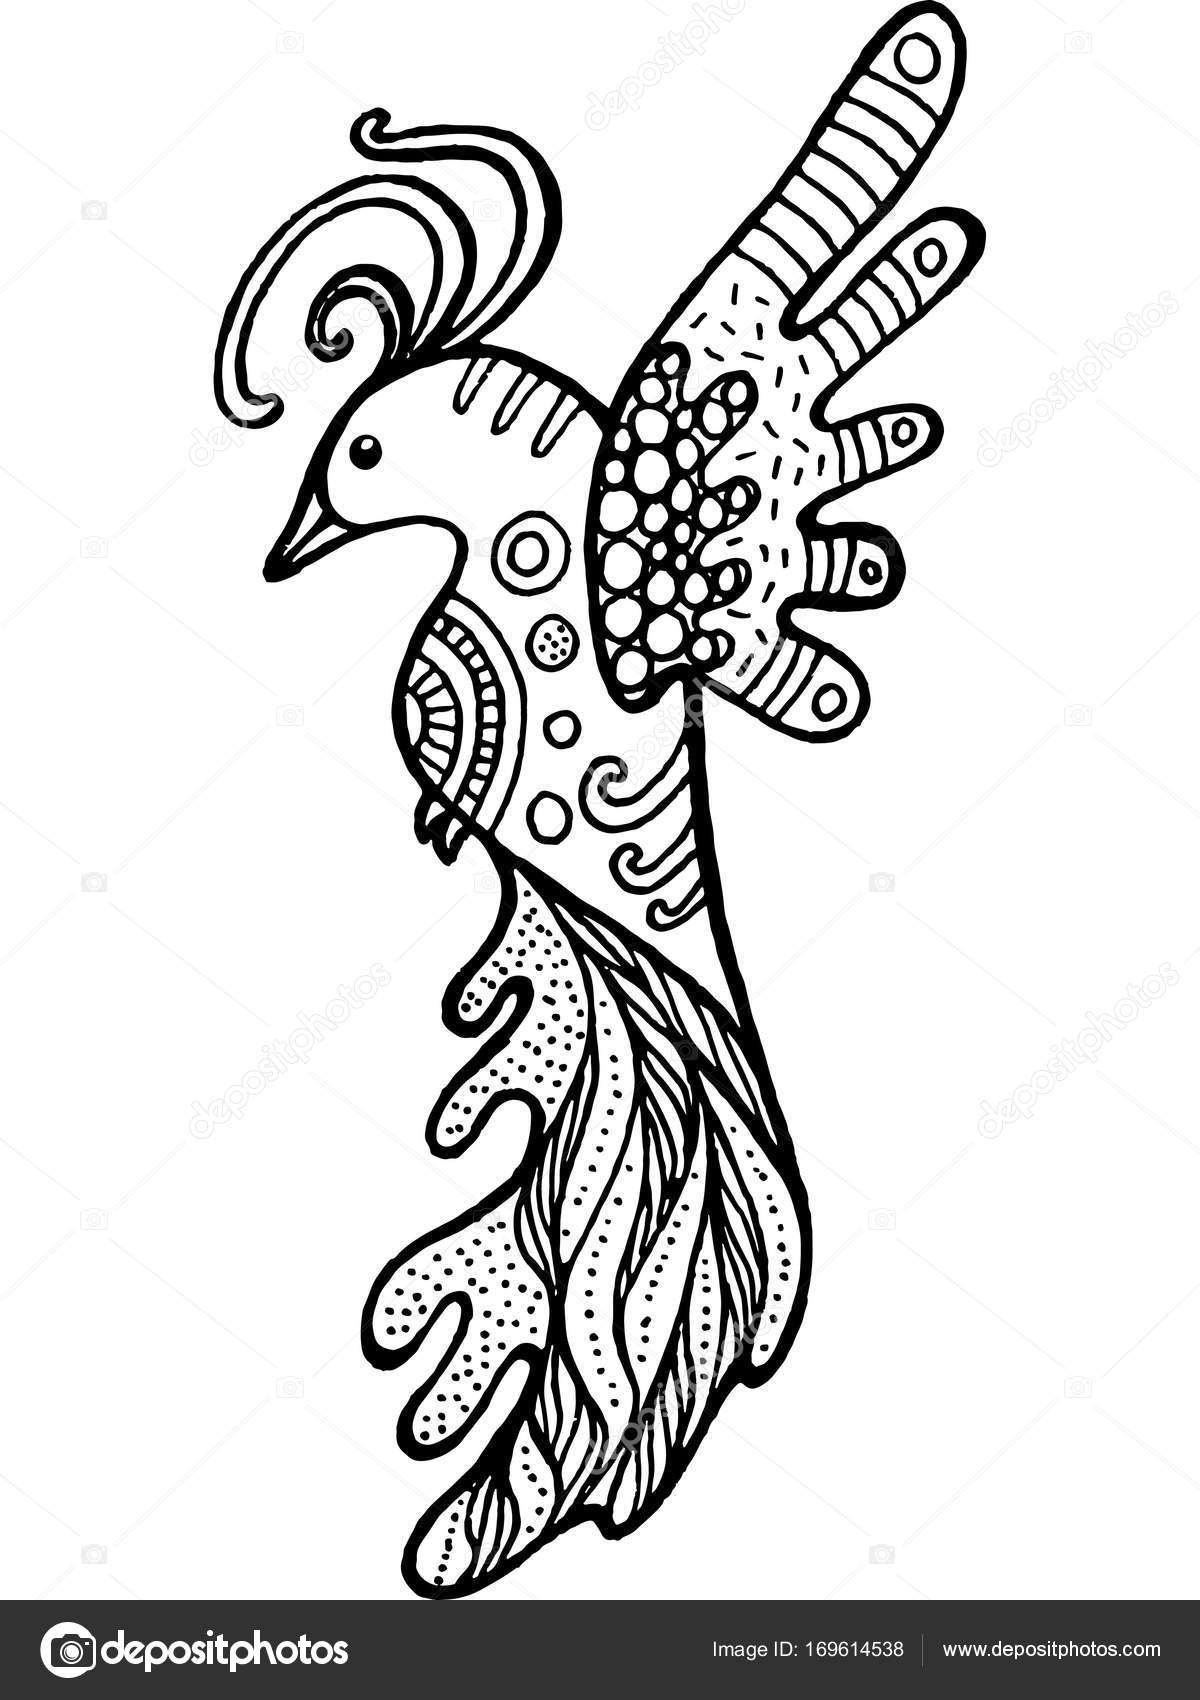 Cartoon Grappige Vogel Kleurplaat Hand Getrokken Doodle Zentangle